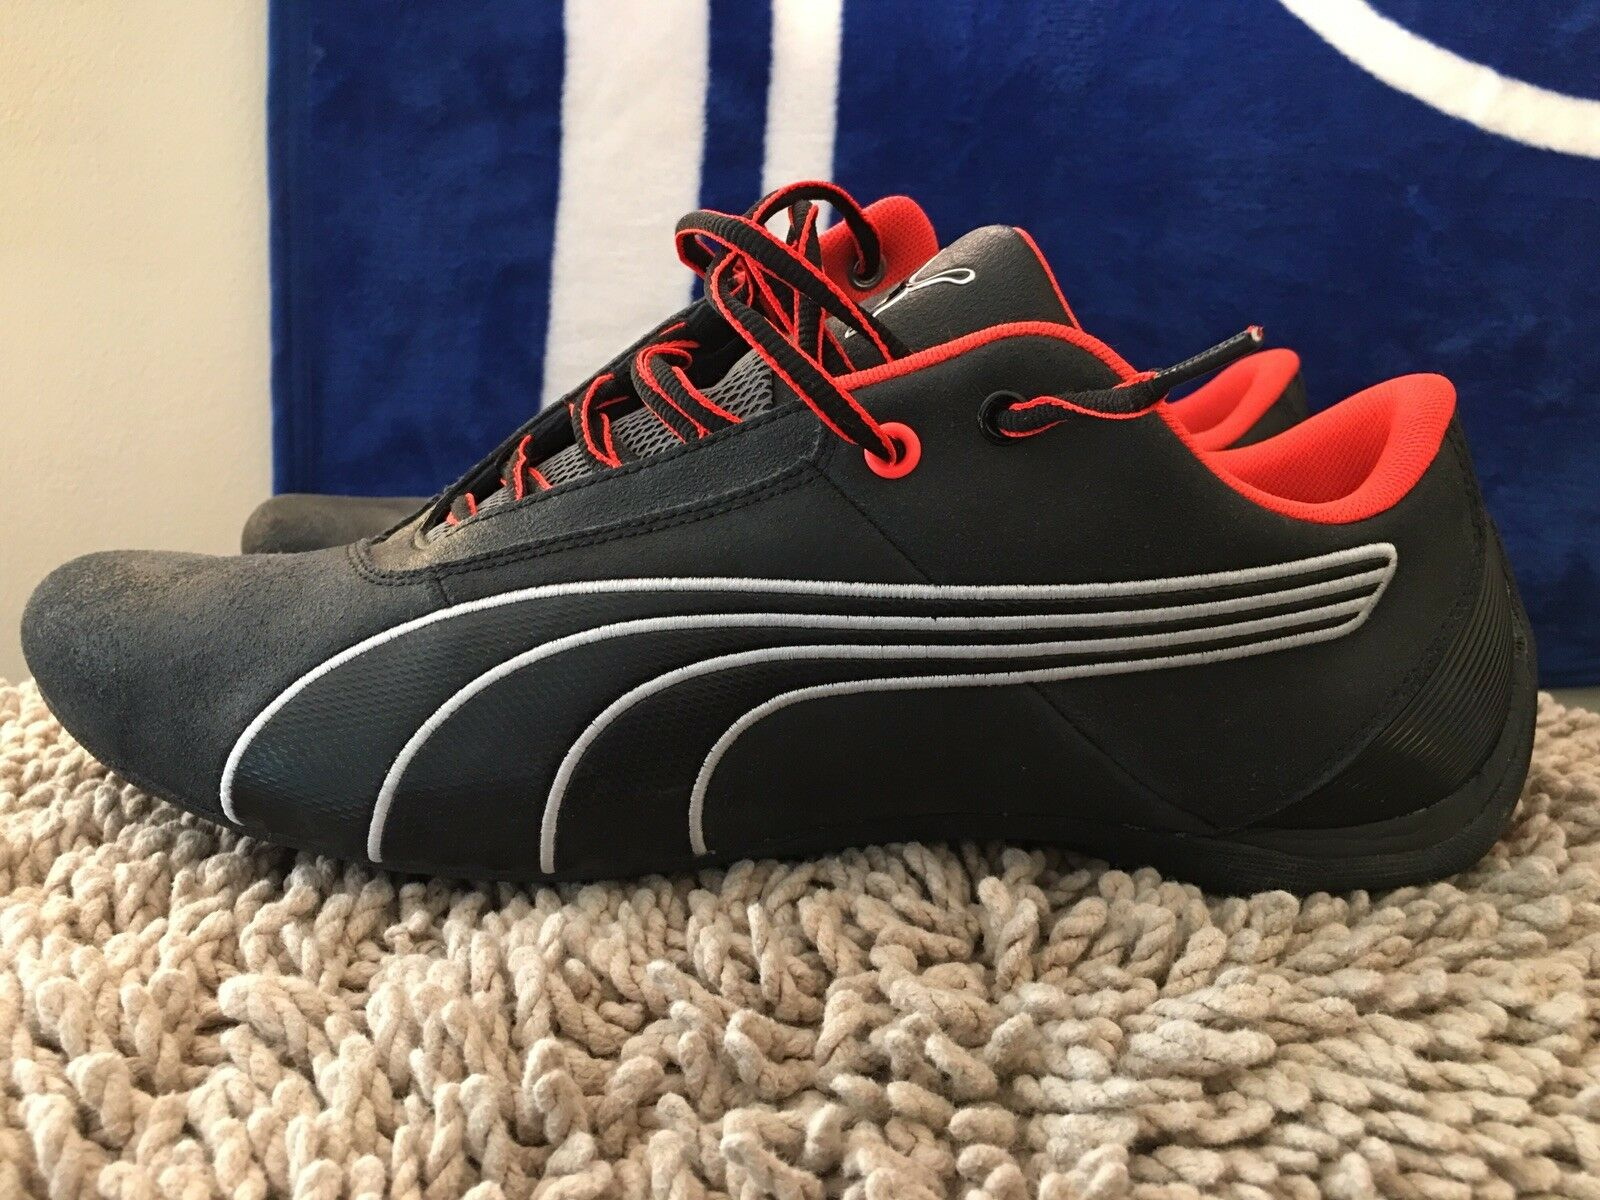 Puma Future Cat S1 Night cat, 305530 04, Black / Neon Orange, Men's Size 14, New